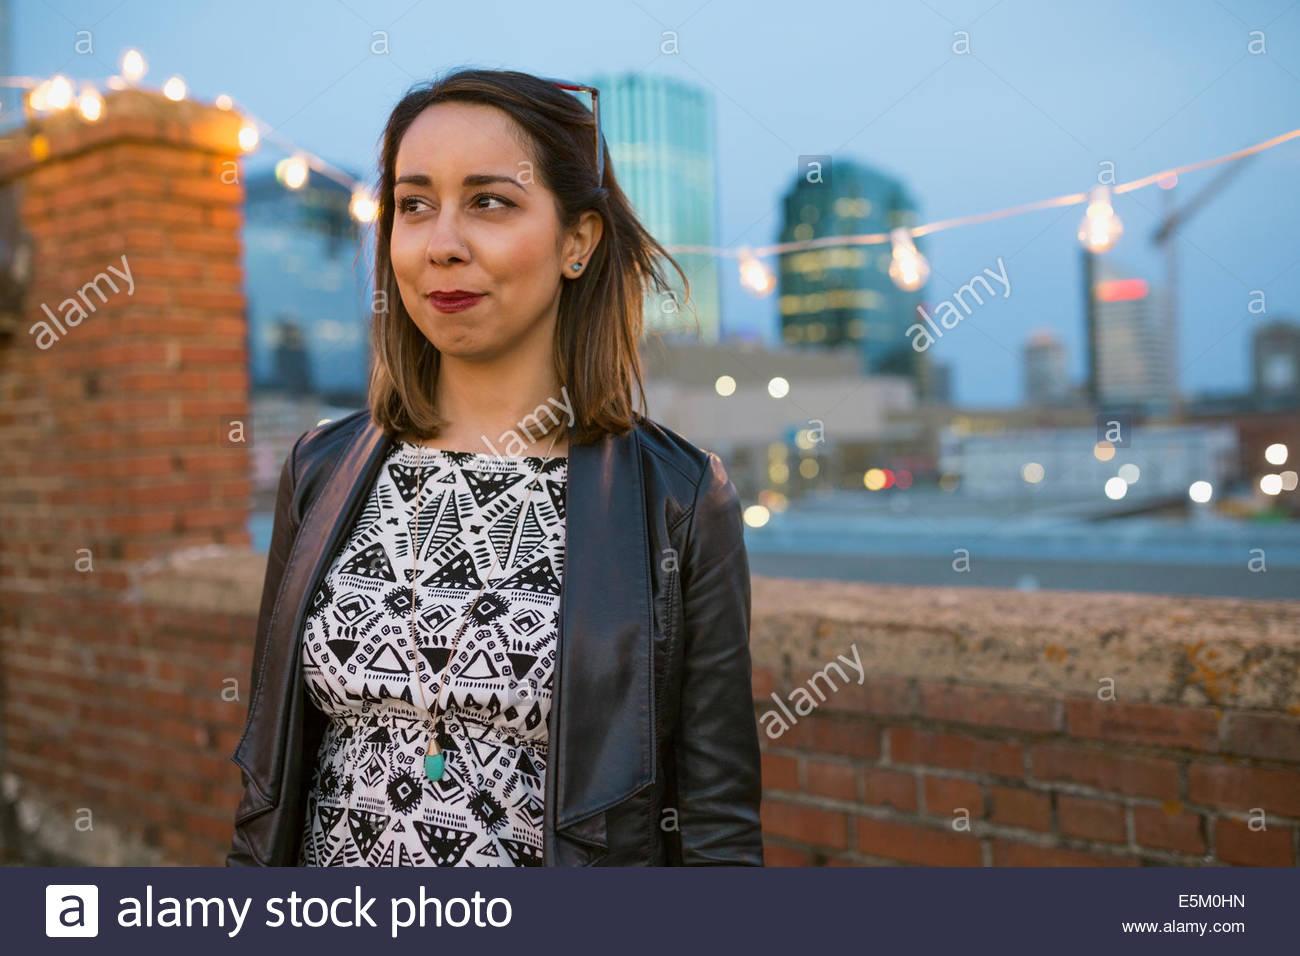 Mujer sonriente mirar lejos en la azotea urbana Foto de stock